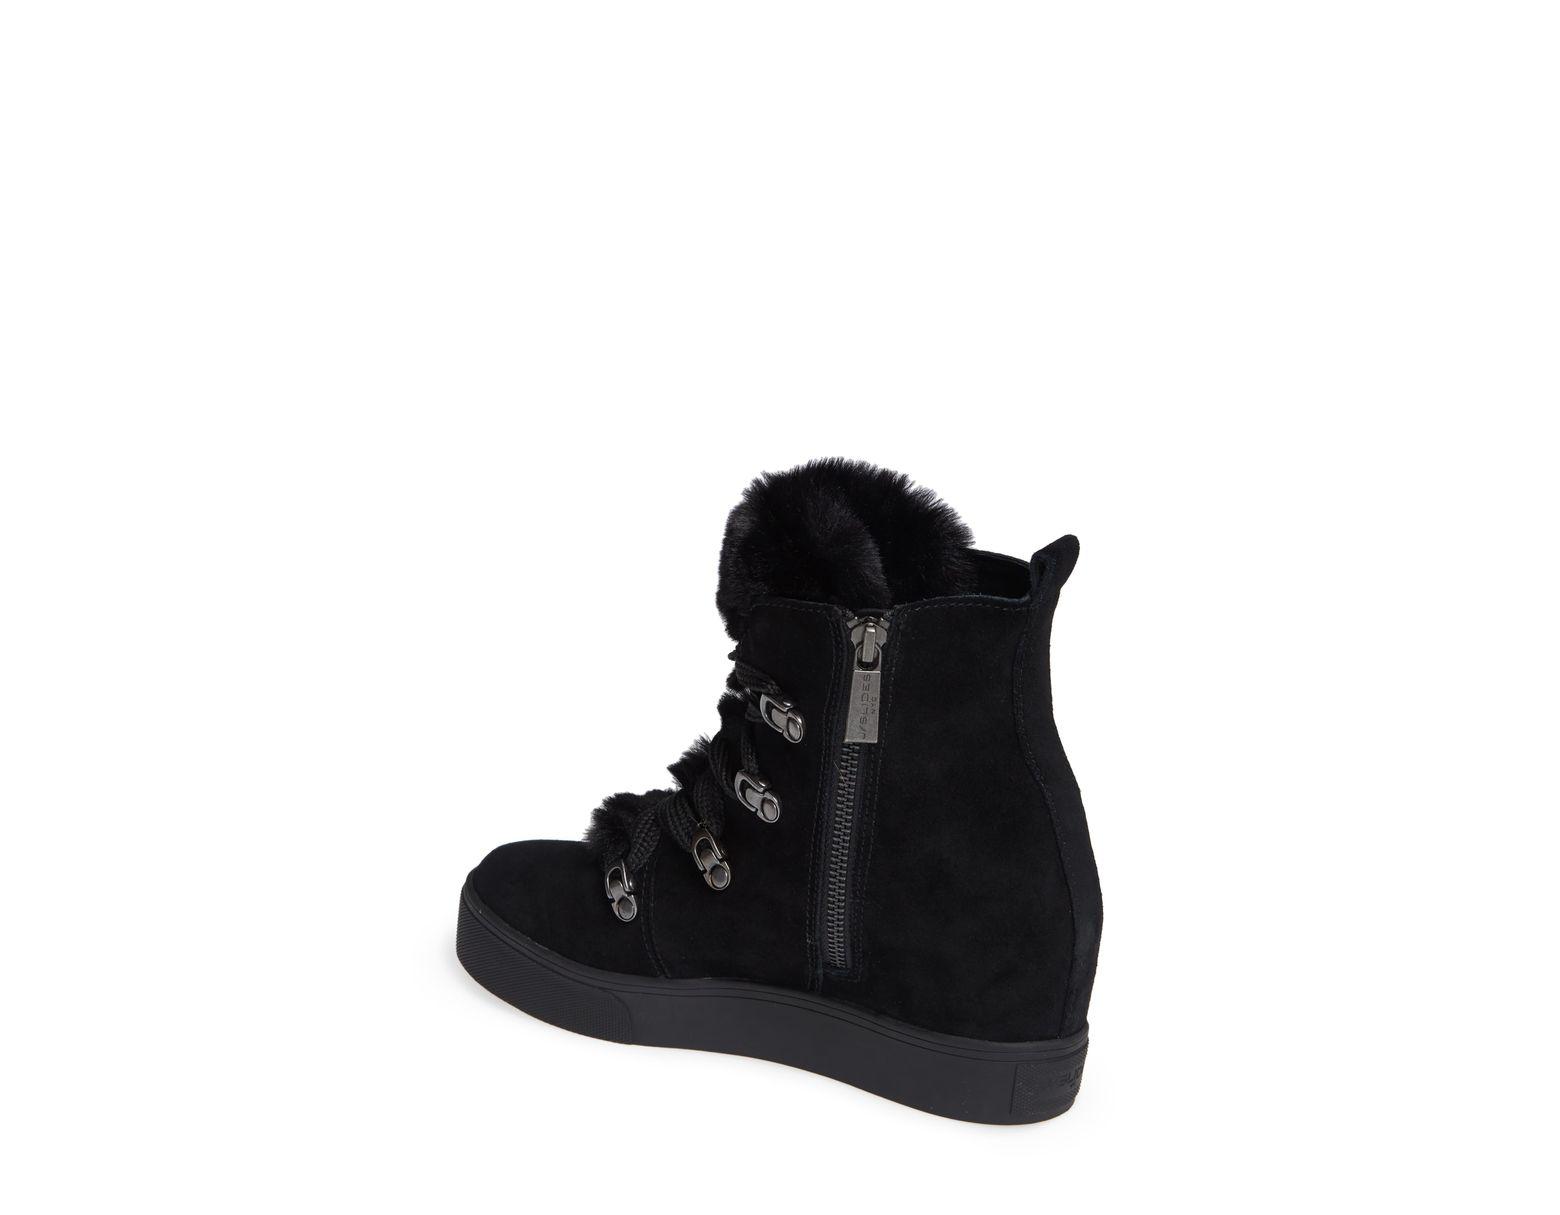 b93dcc3f933 Women's Black Whitney Faux Fur Trim High Top Sneaker